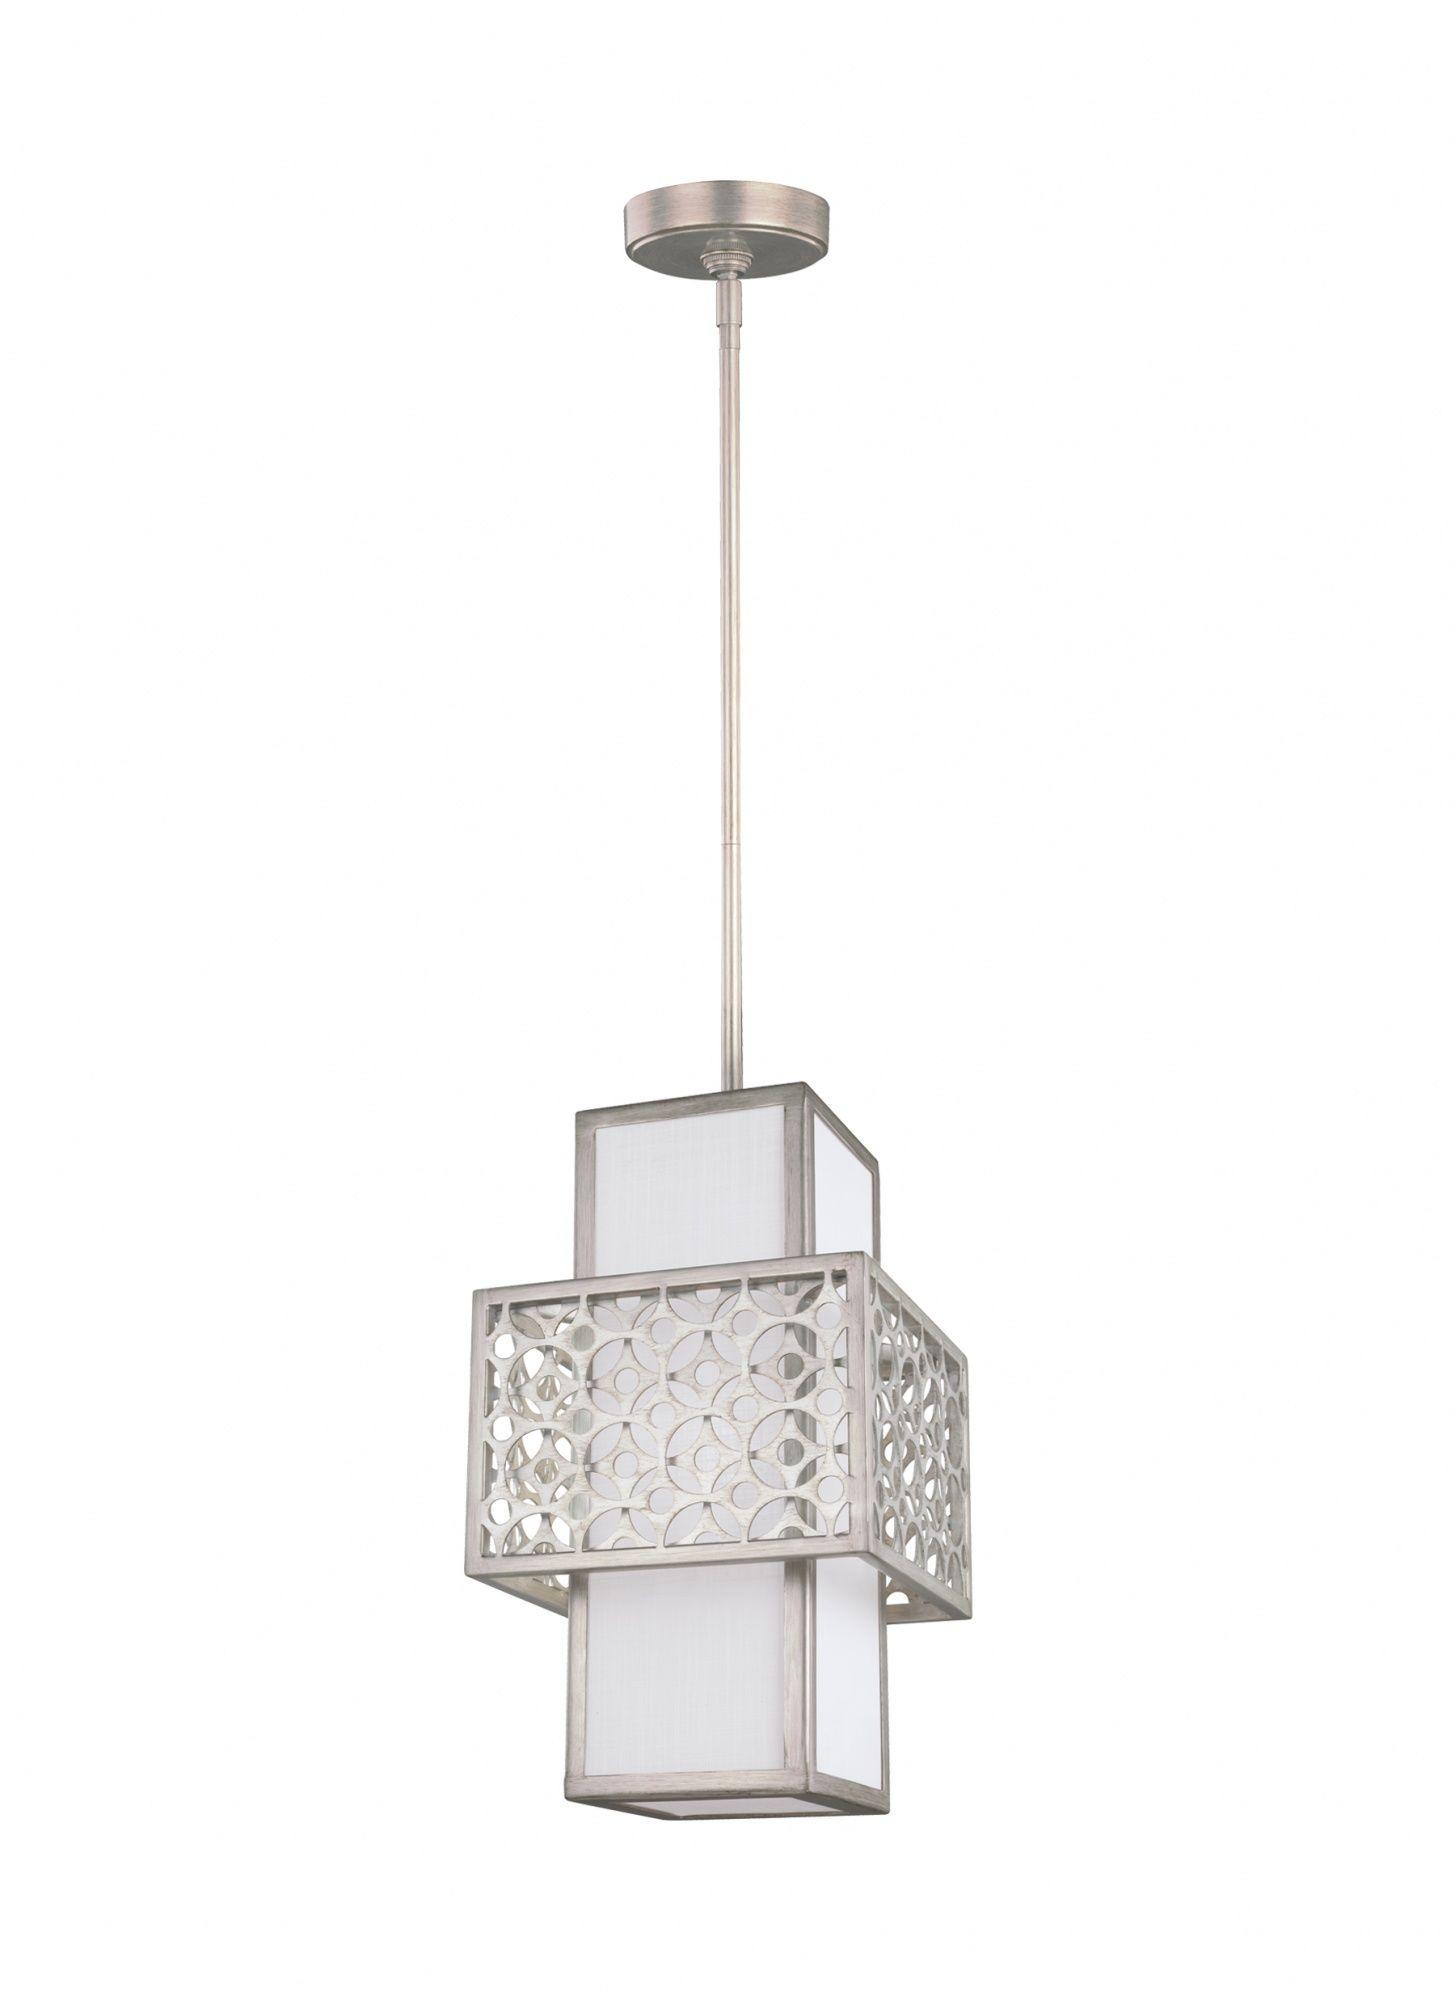 Lampa wisząca Kenney FE/KENNEY/MP Feiss ażurowa oprawa w nowoczesnym stylu